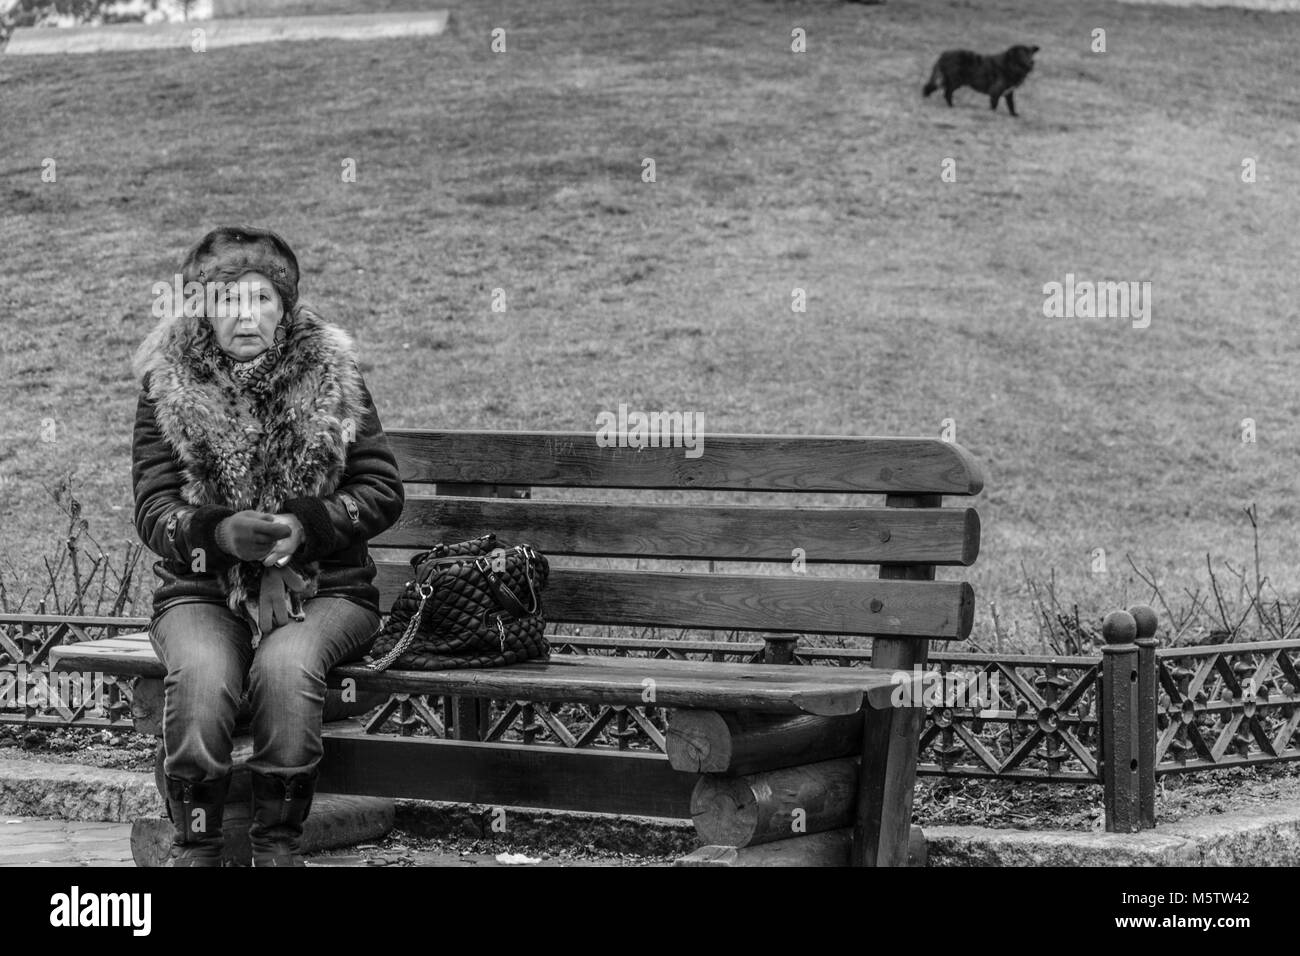 Einsame ältere Frau auf einer Bank im Park, Schwarze und Weiße reportage Foto Stockbild